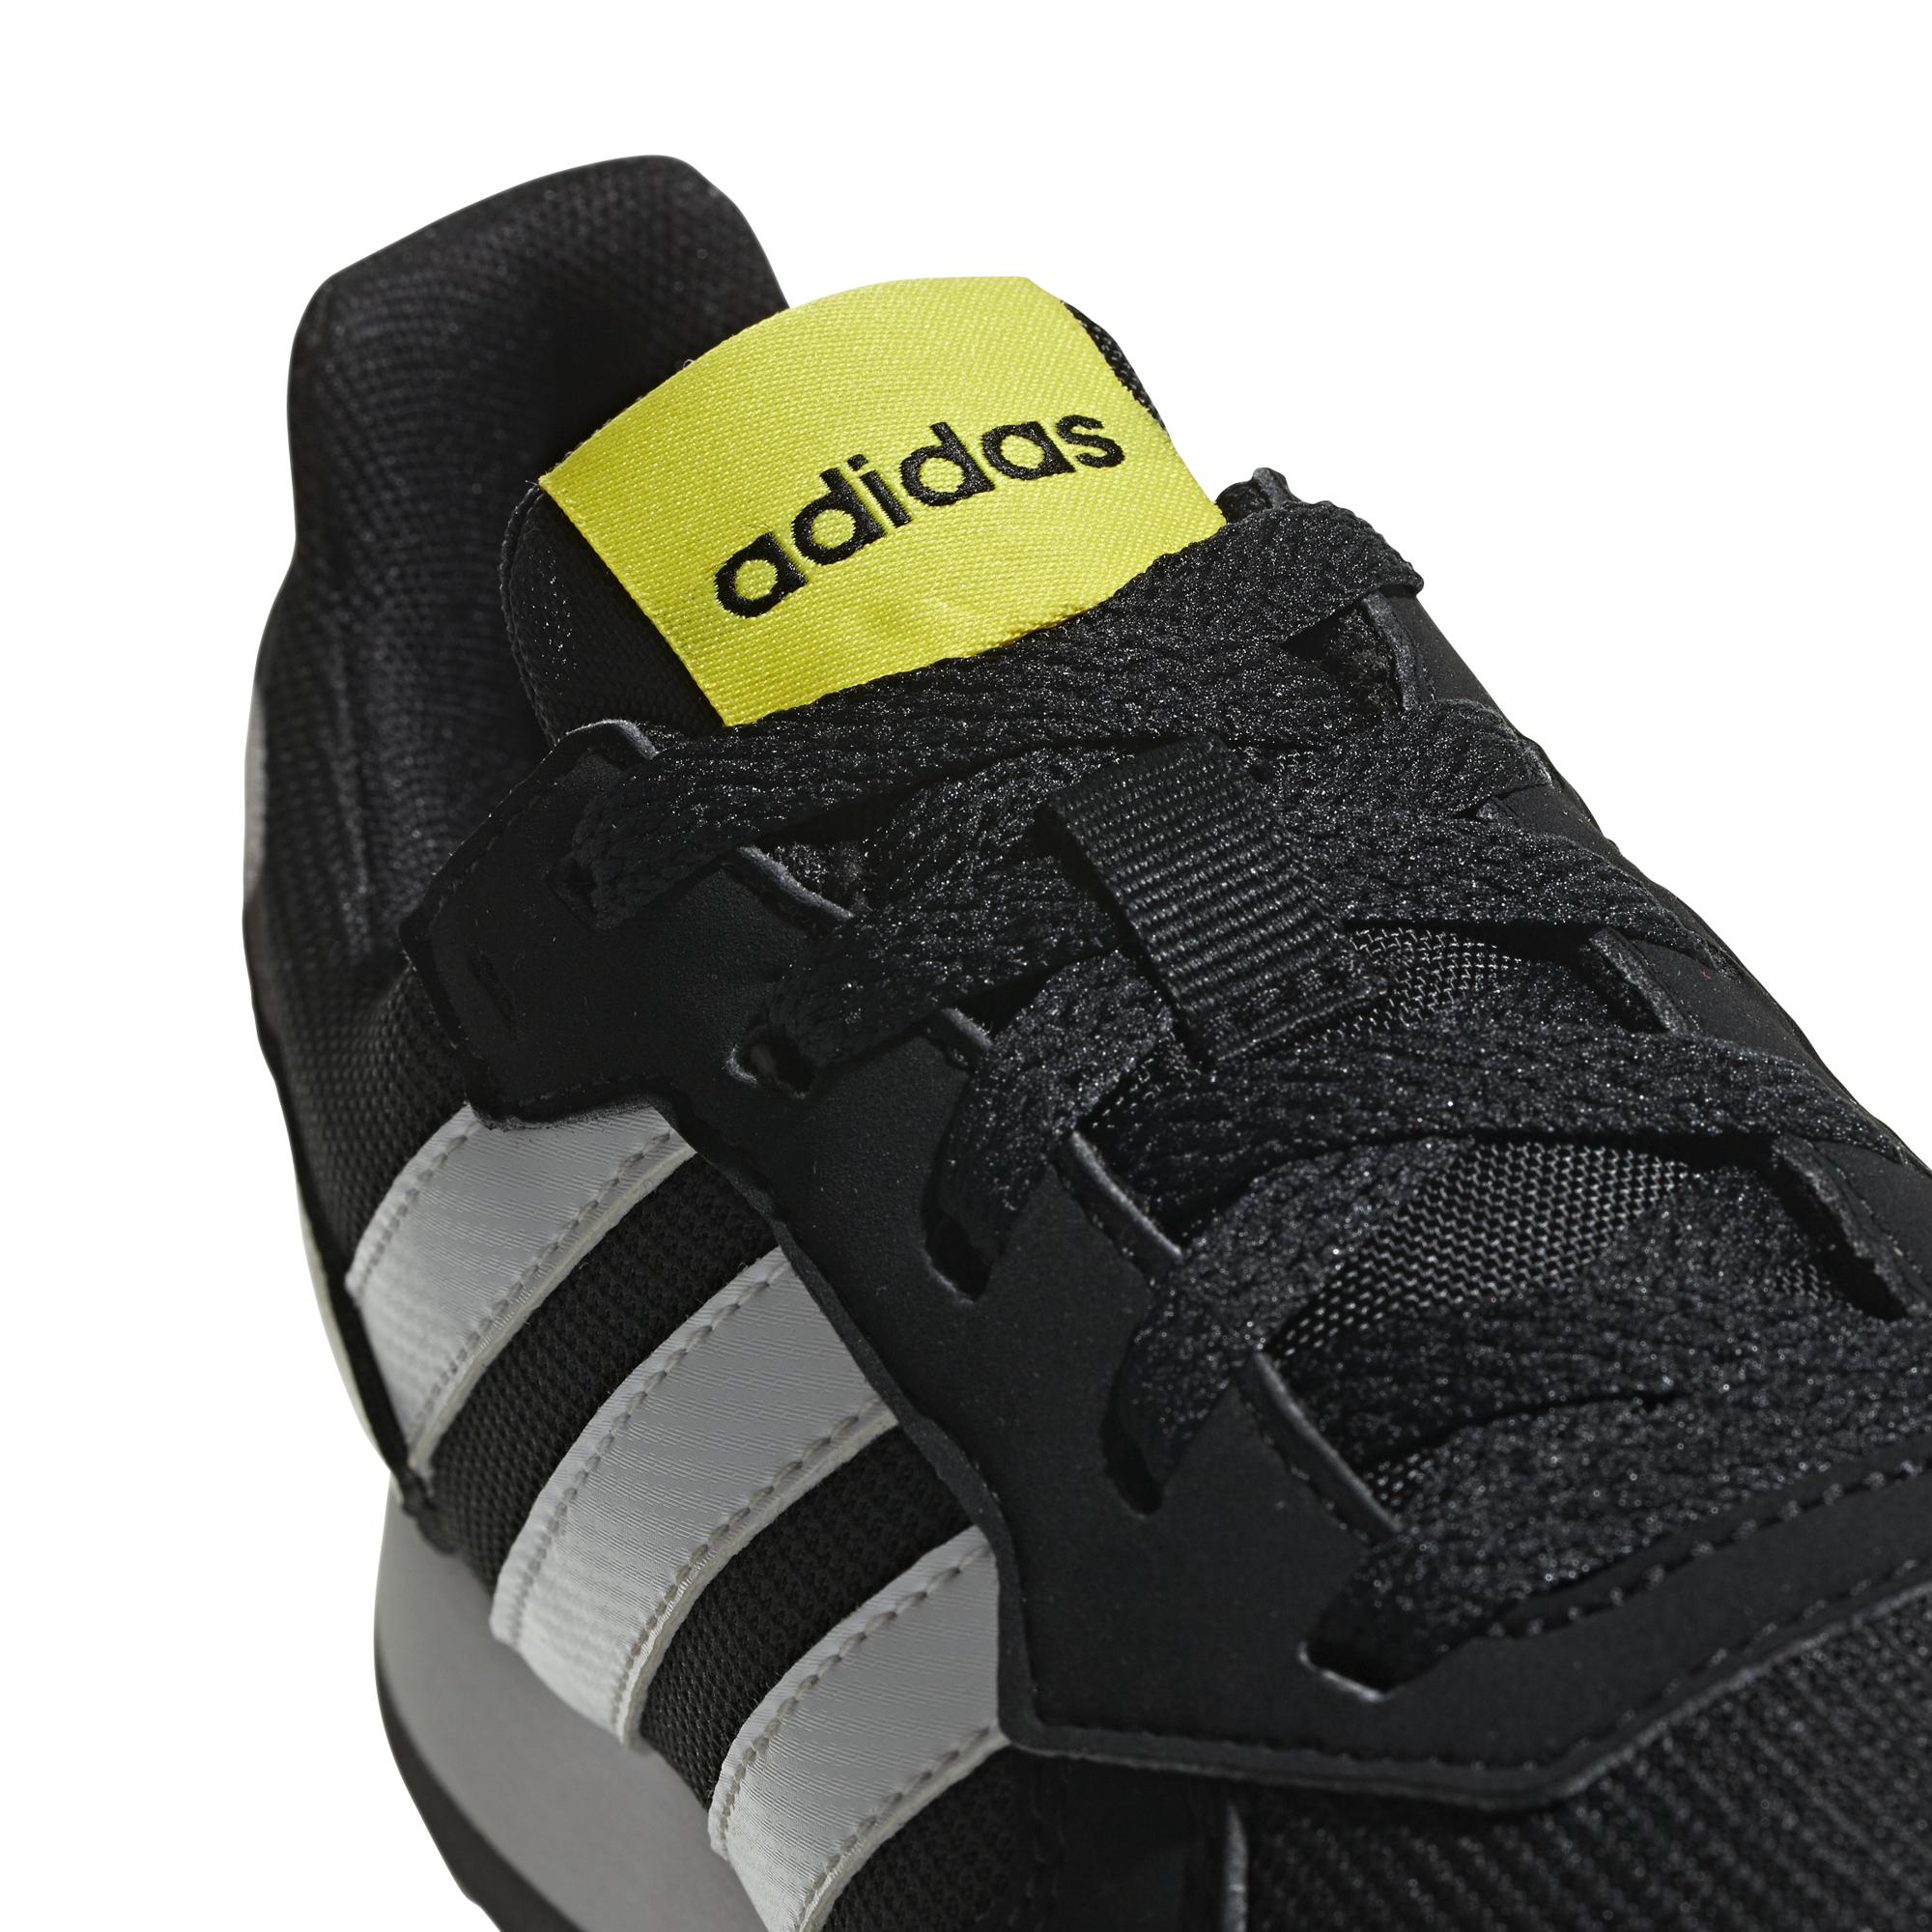 dramático Aplicar jazz  buty adidas 8K K B75735 || timsport.pl - darmowa dostawa, dodatkowe zniżki,  super ceny